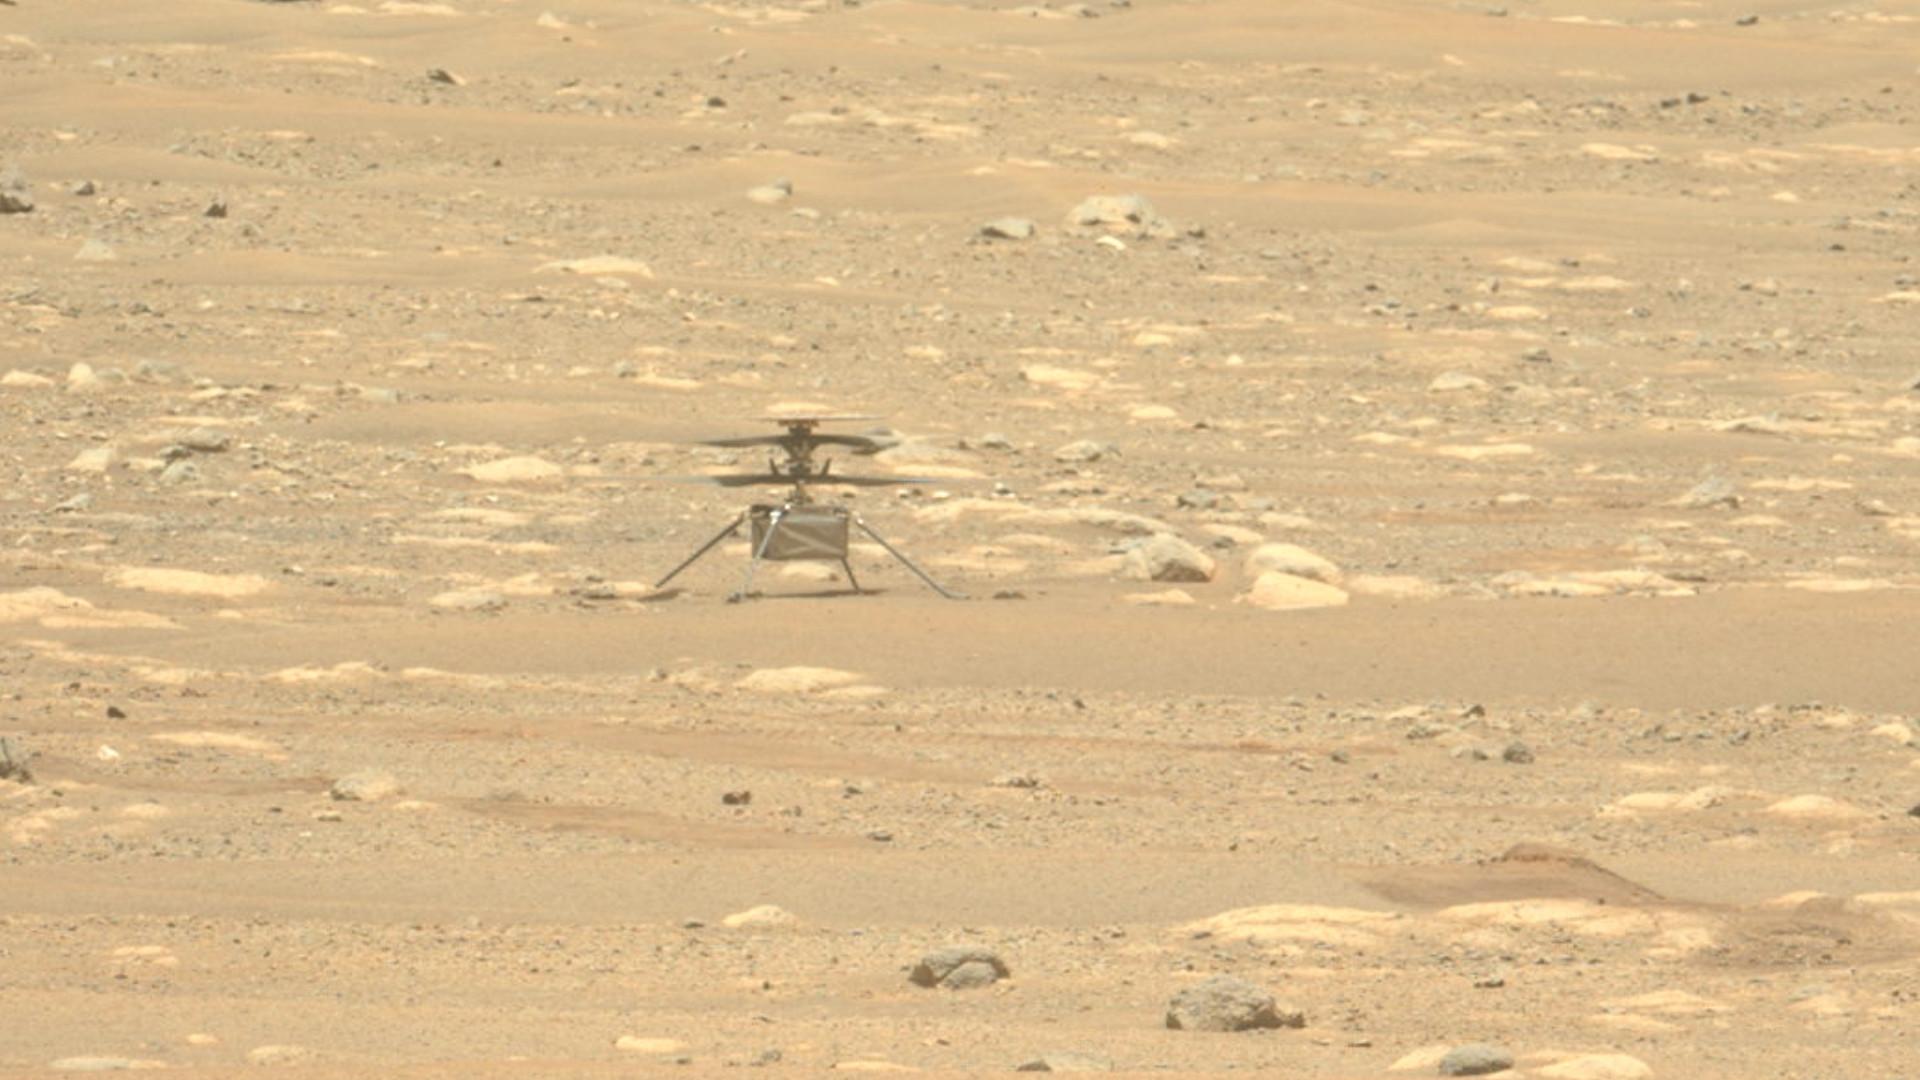 Quand Ingenuity va-t-il entamer la nouvelle phase de sa mission sur Mars ?